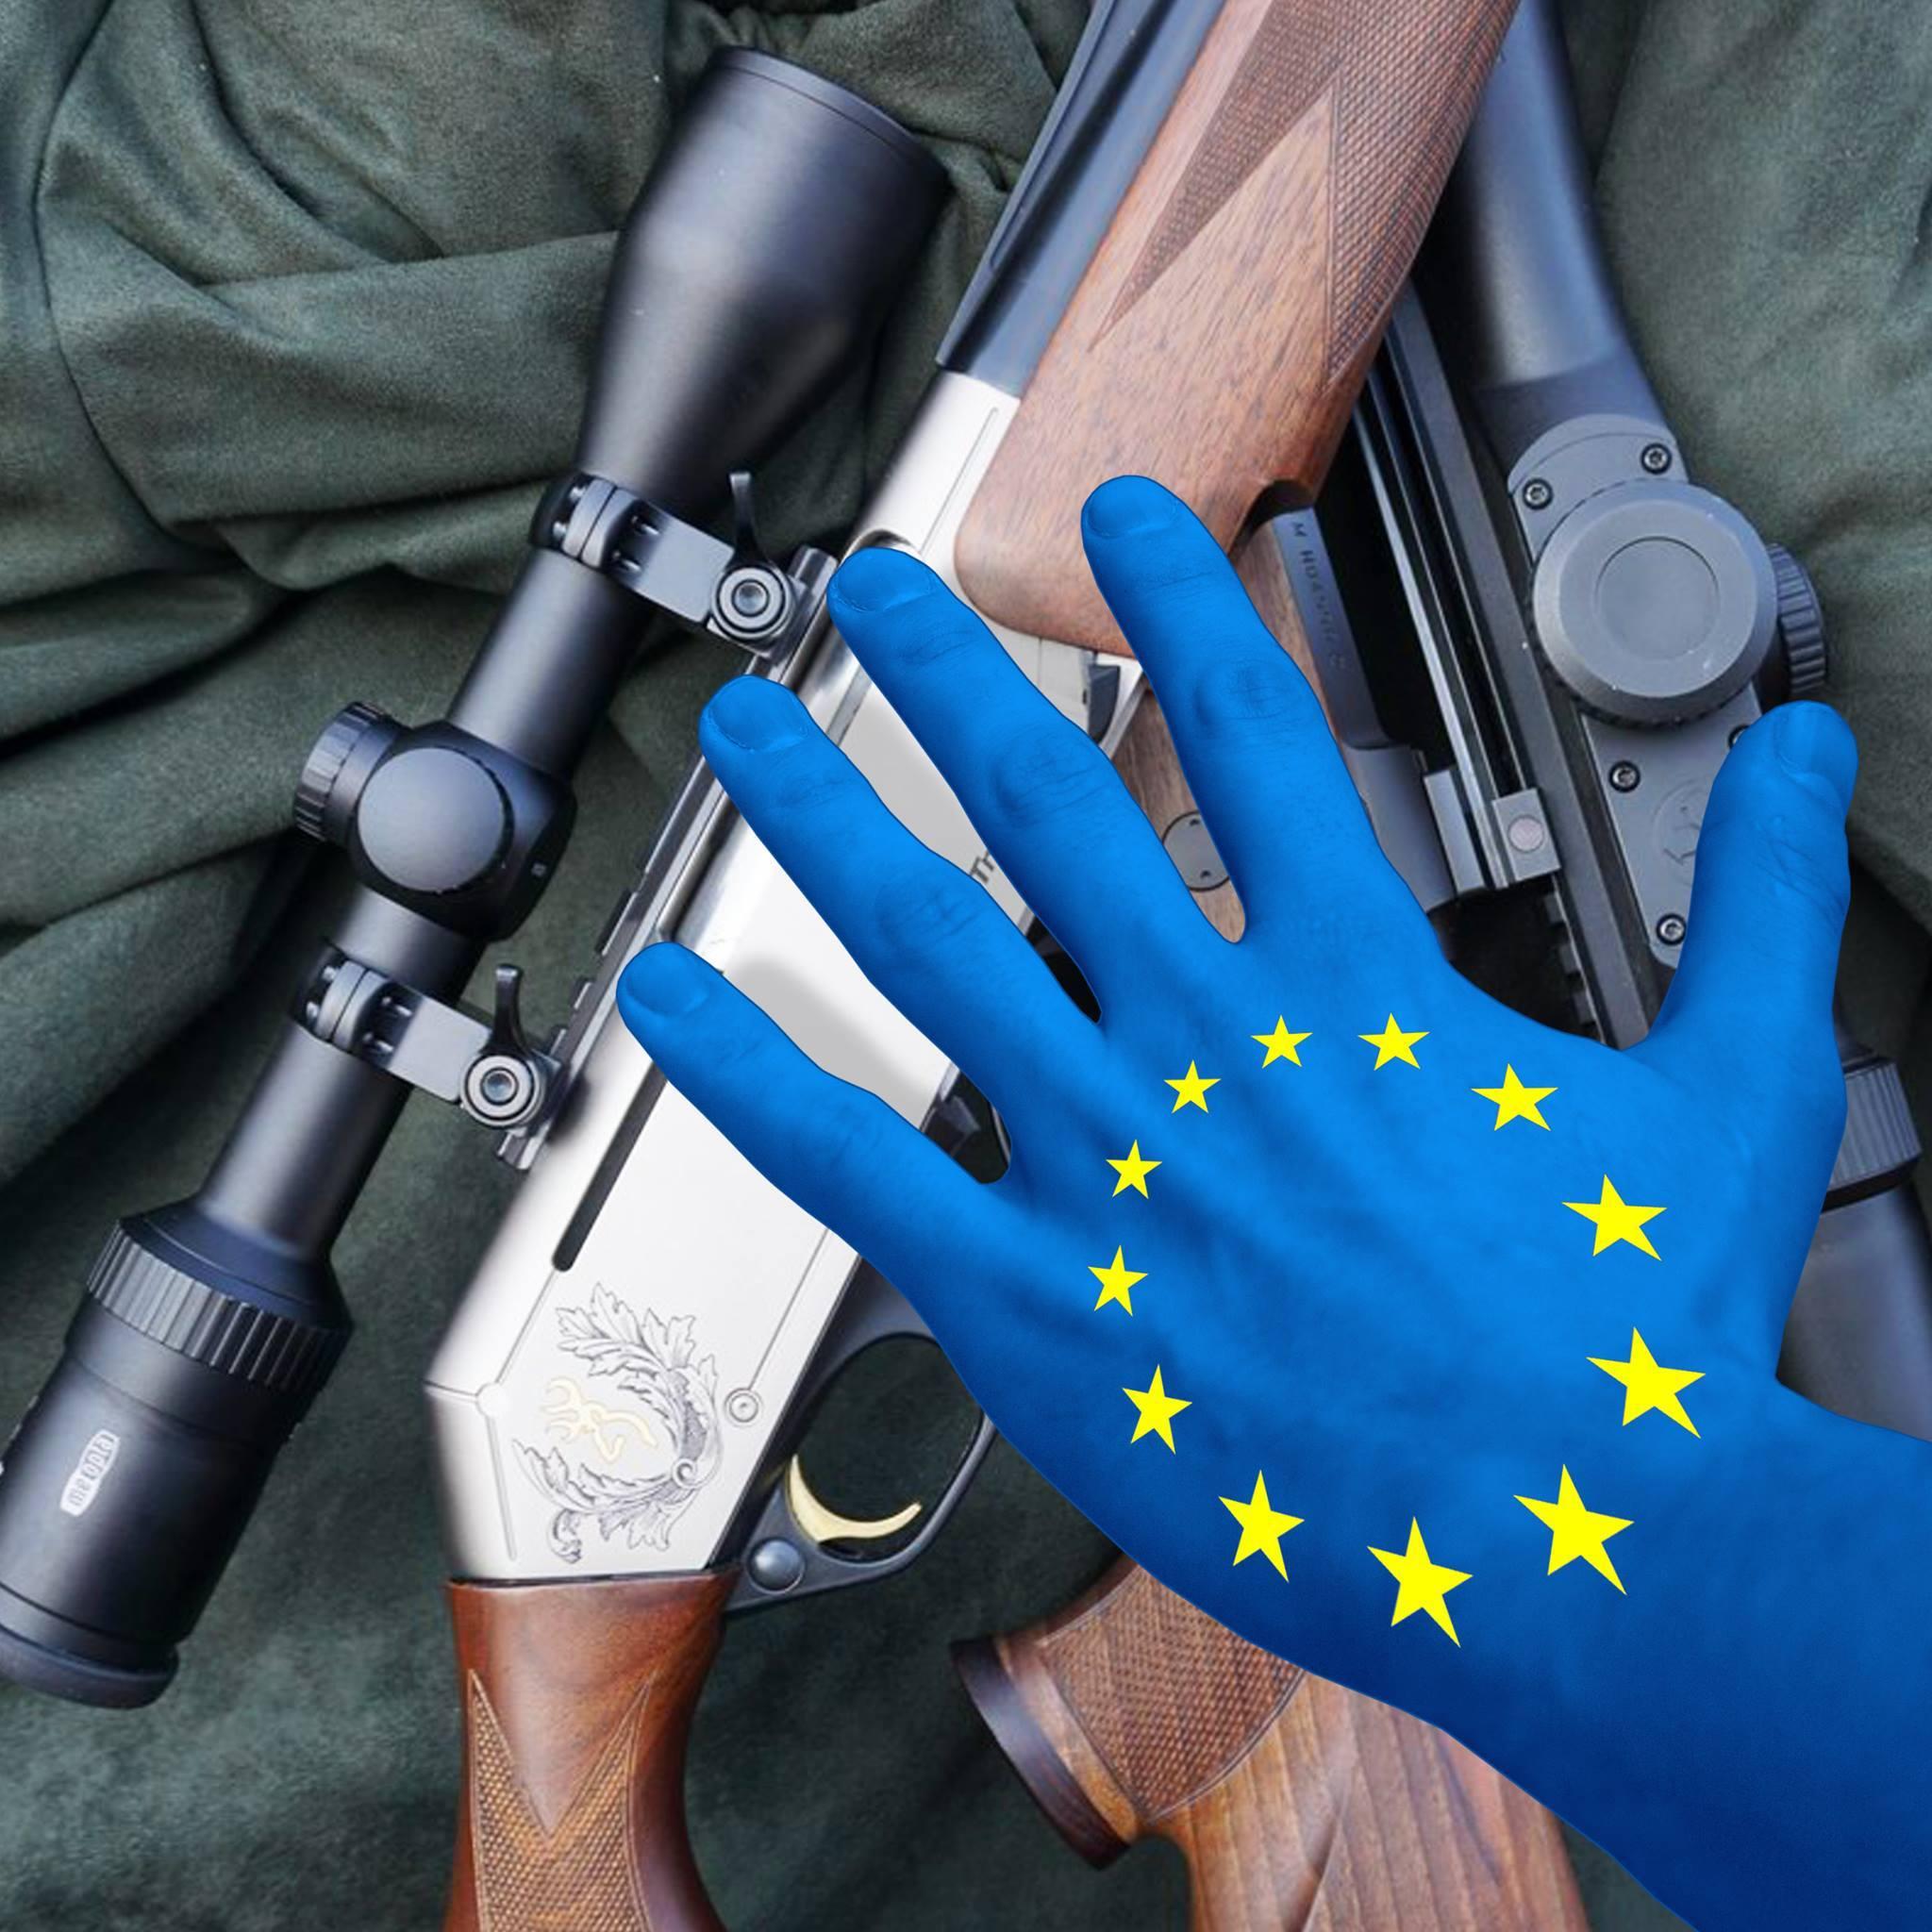 A hand grabs rifles: EU gun ban